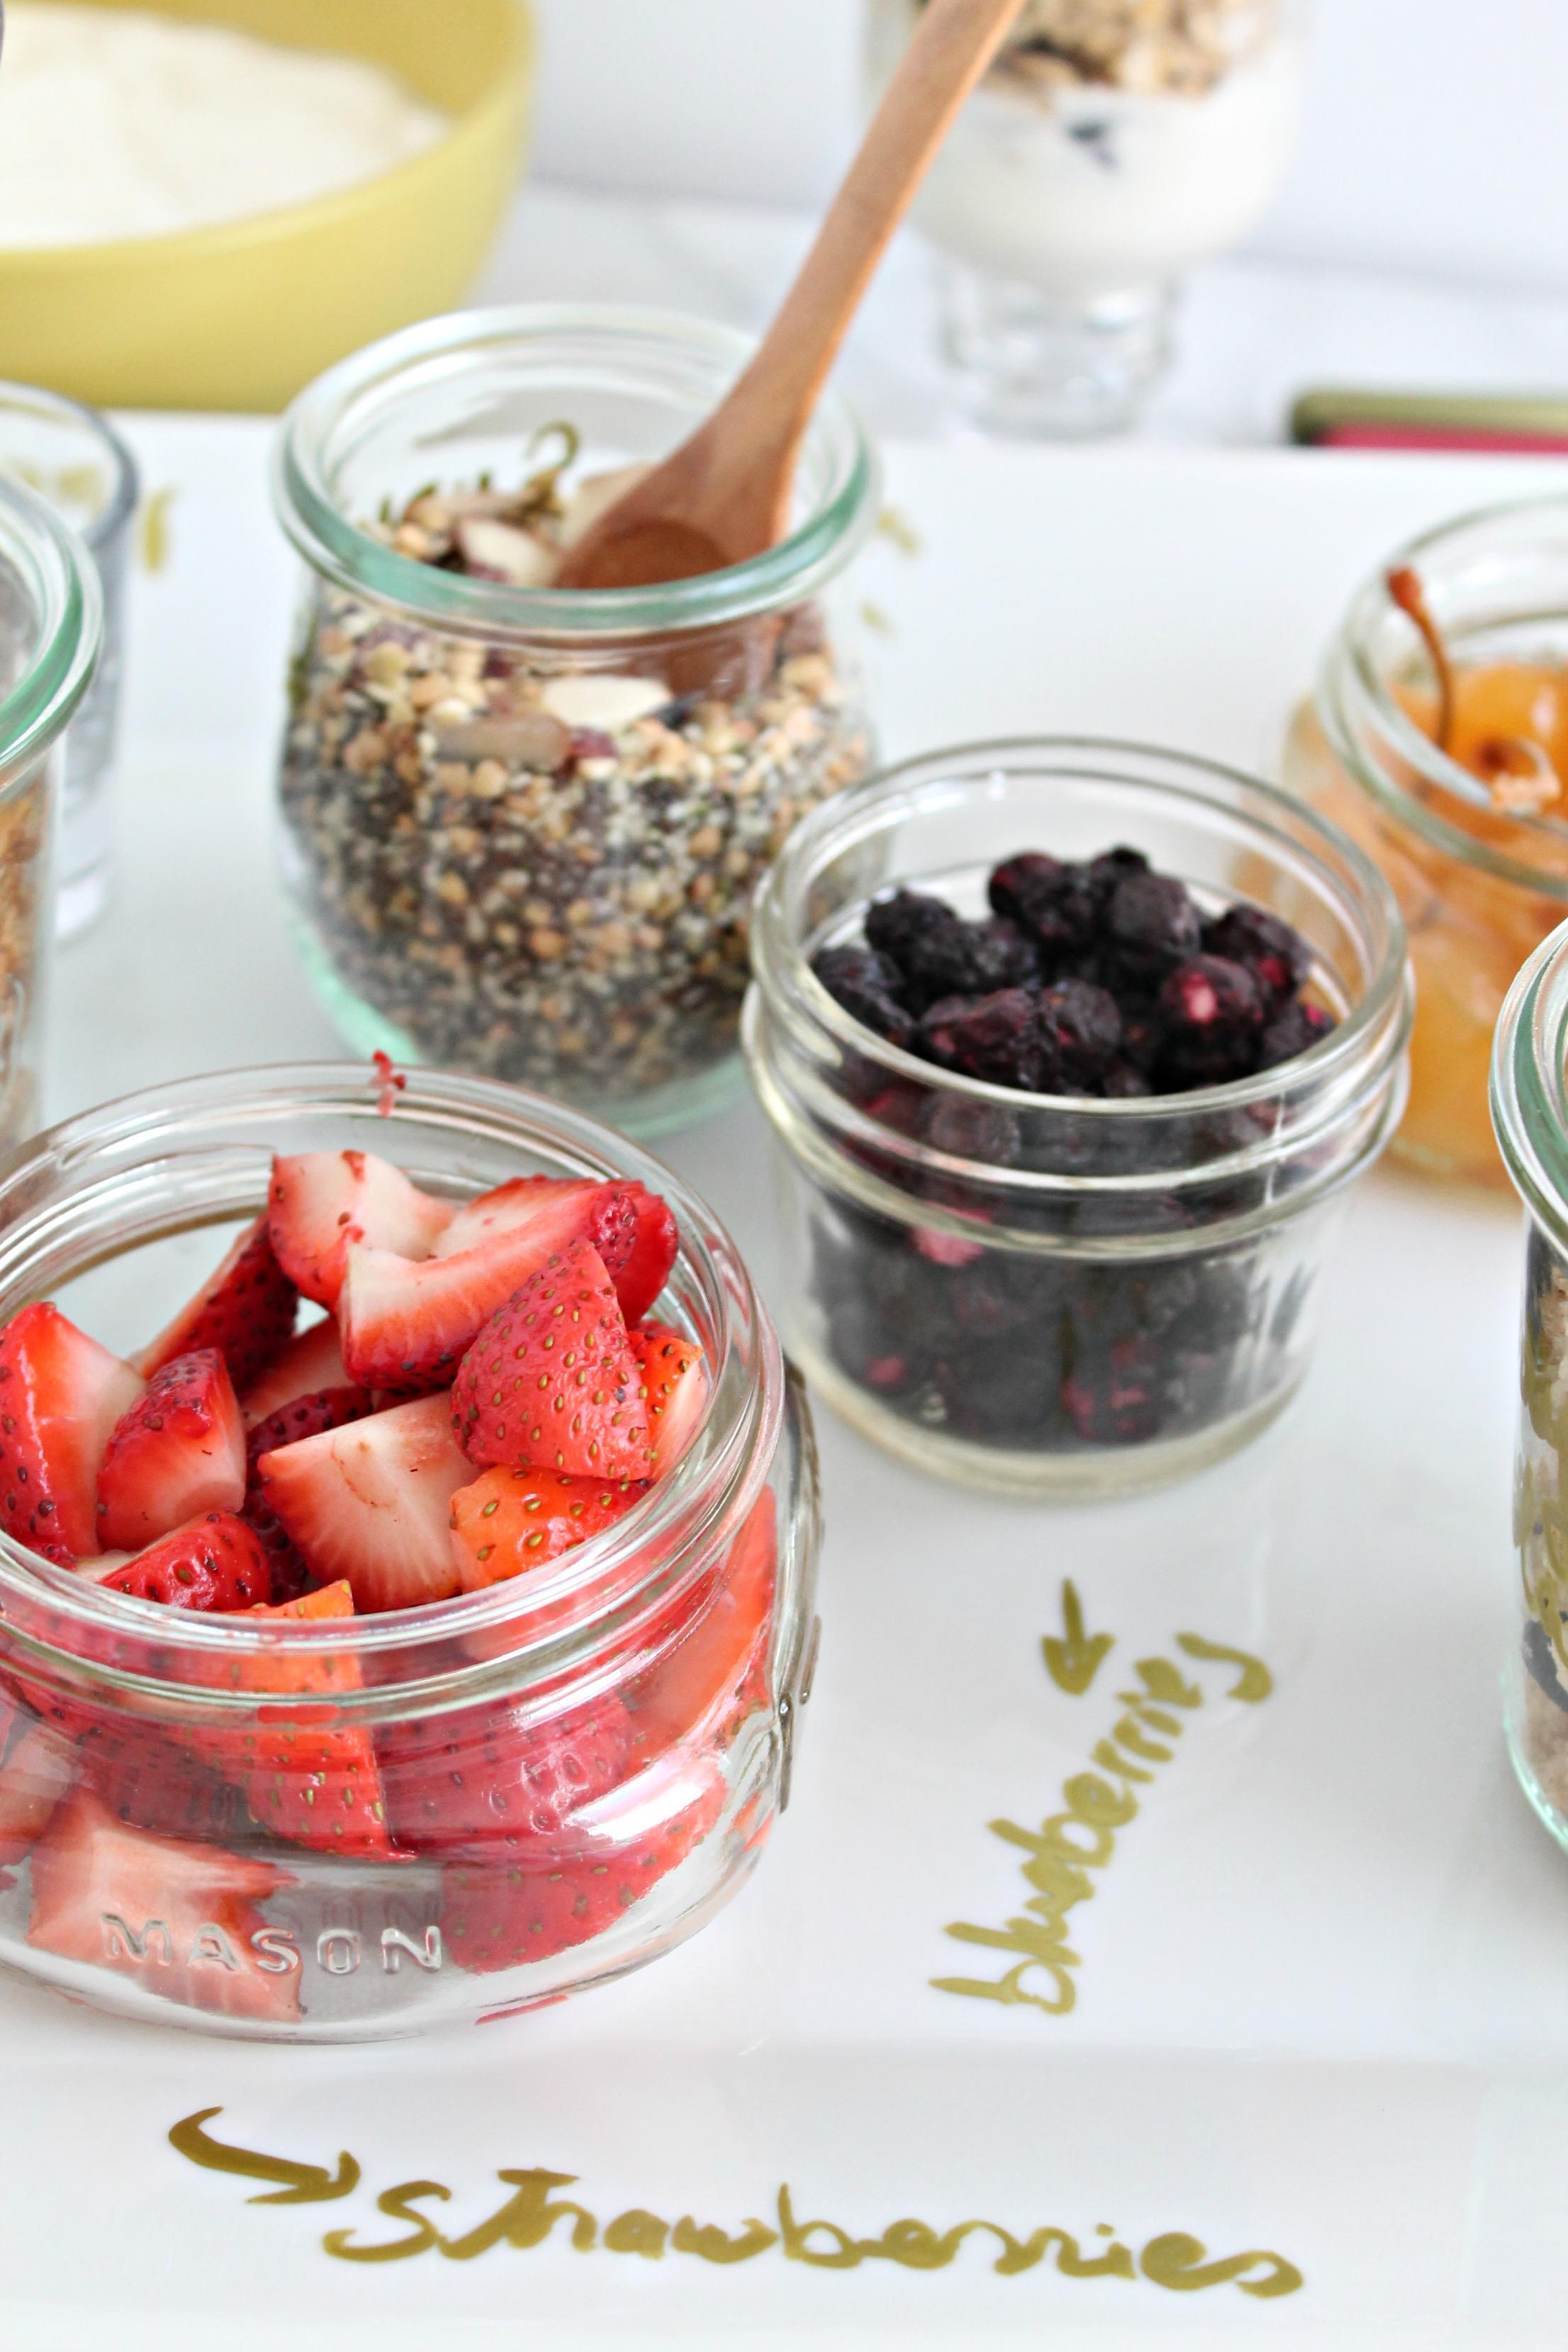 easy brunch ideas diy yogurt bar cooking with books